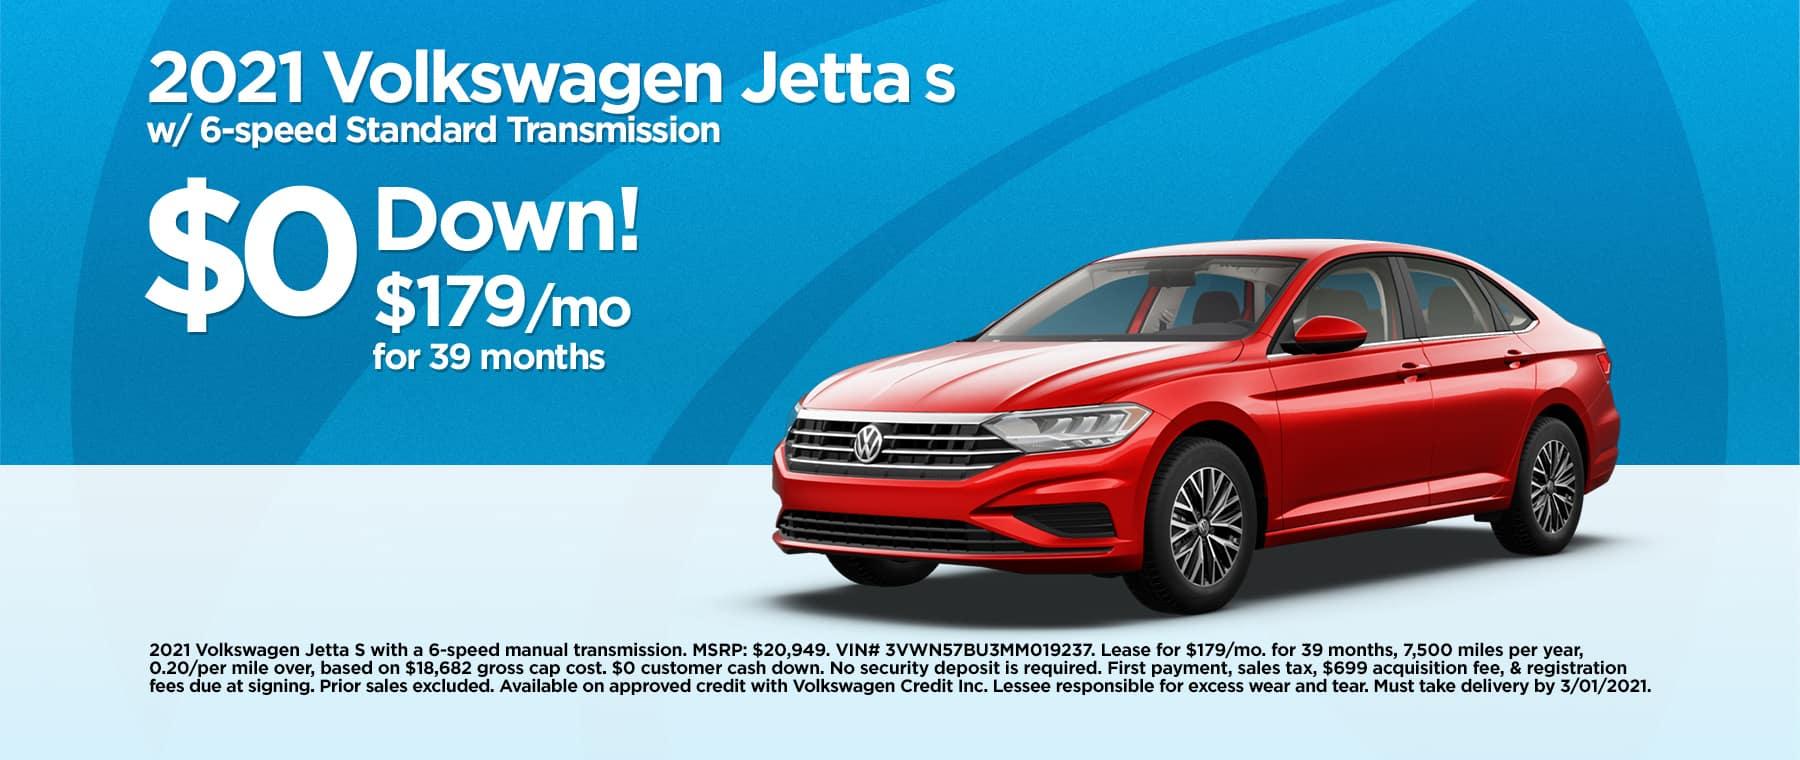 2102 VW Jetta V2